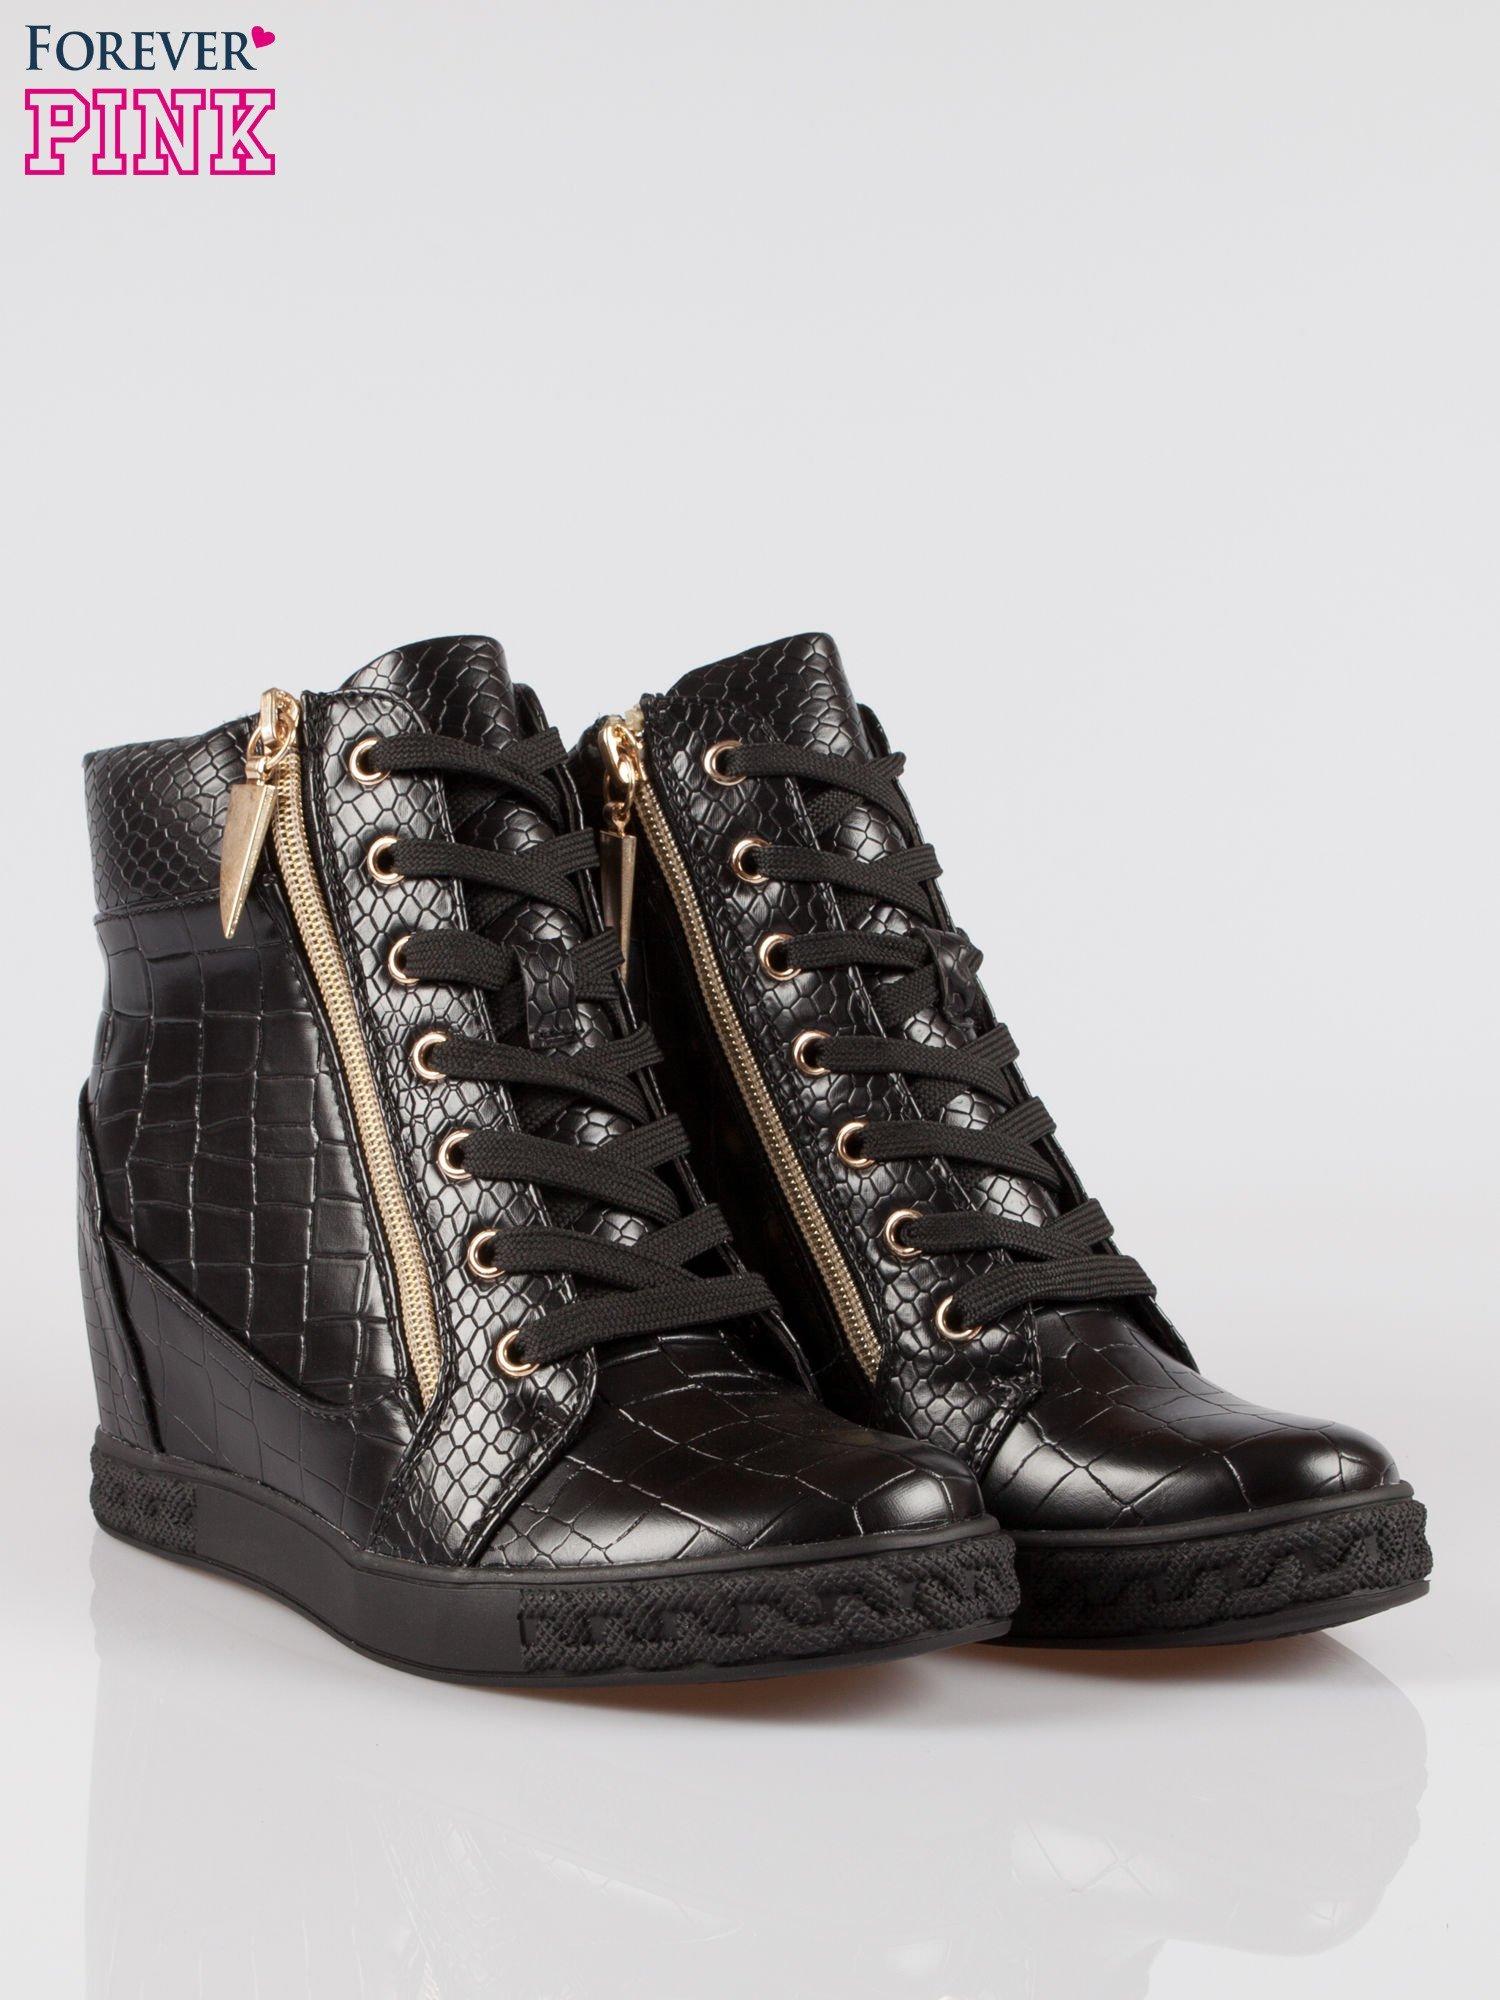 Czarne sneakersy ze skóry tłoczonej w zwierzęce wzory i złotymi suwakami                                  zdj.                                  2